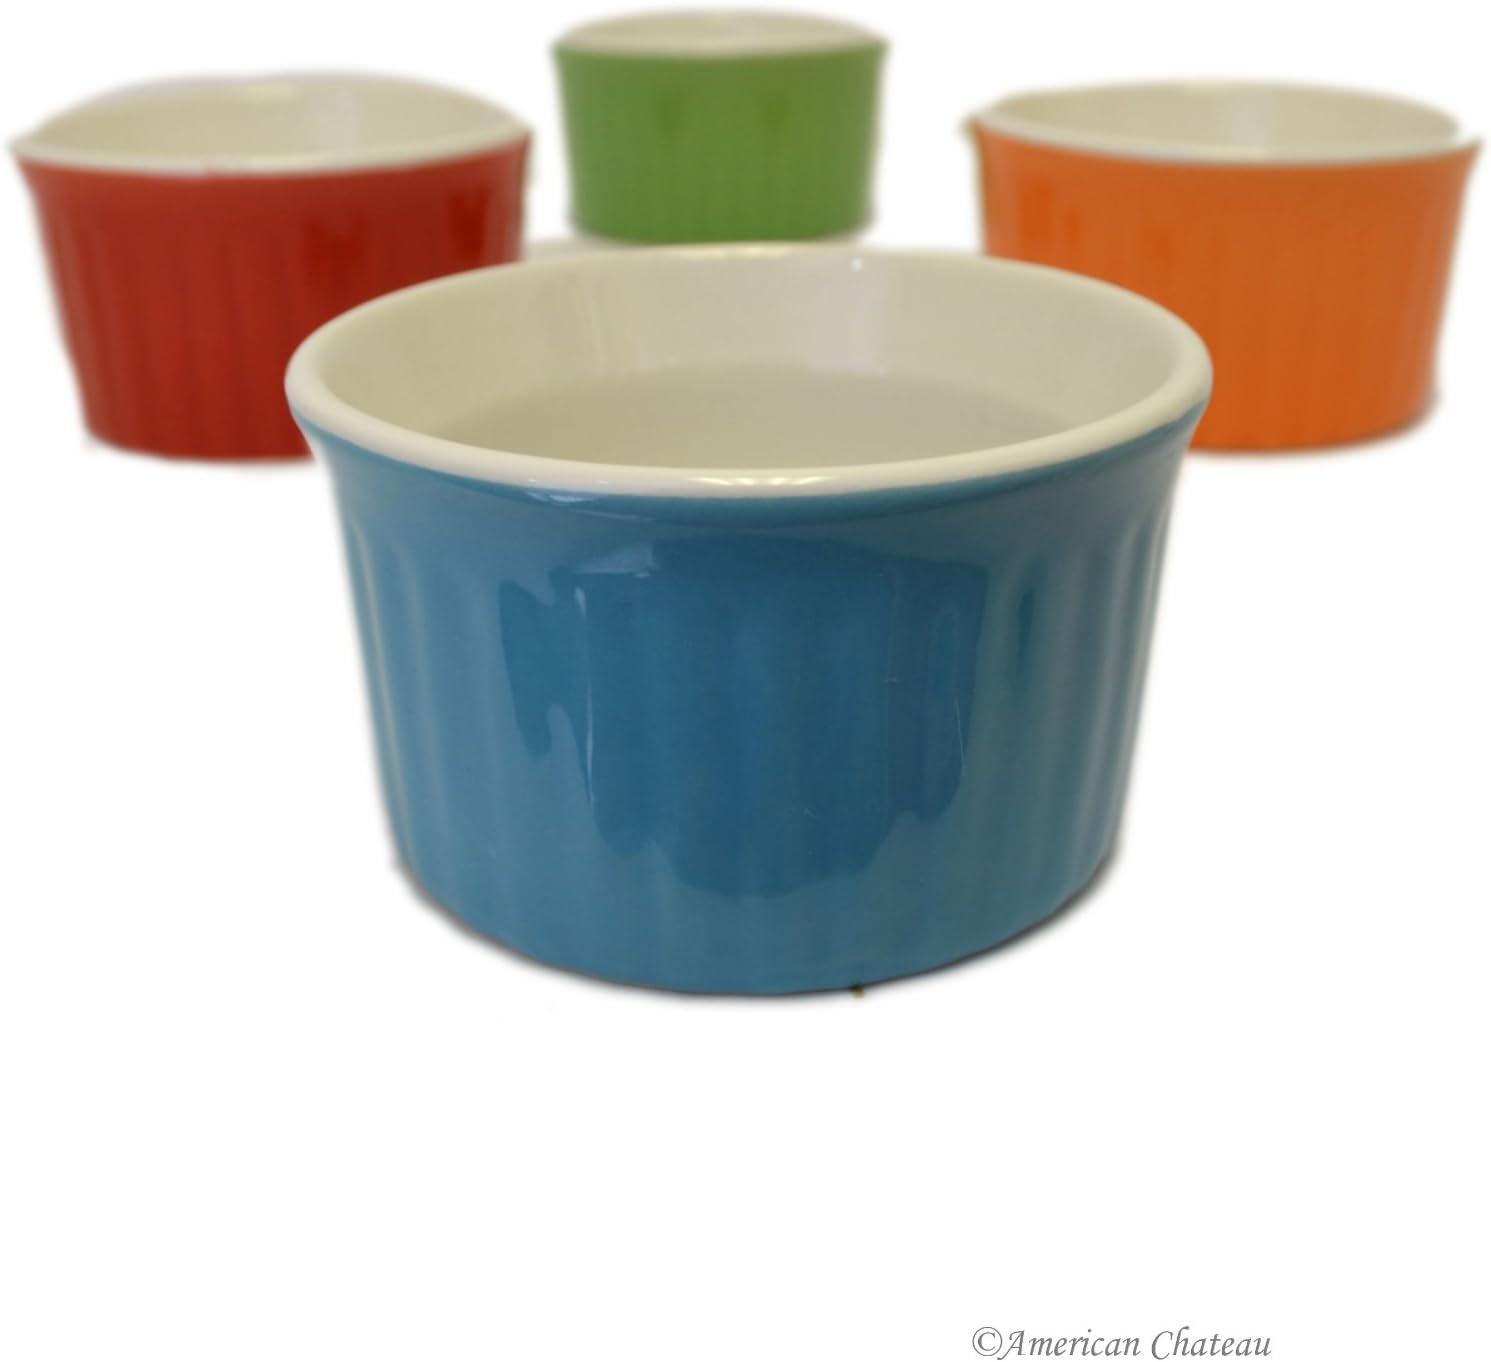 Amazon.com: Set of 7 Colorful Porcelain Oven-Safe Souffle Bowl